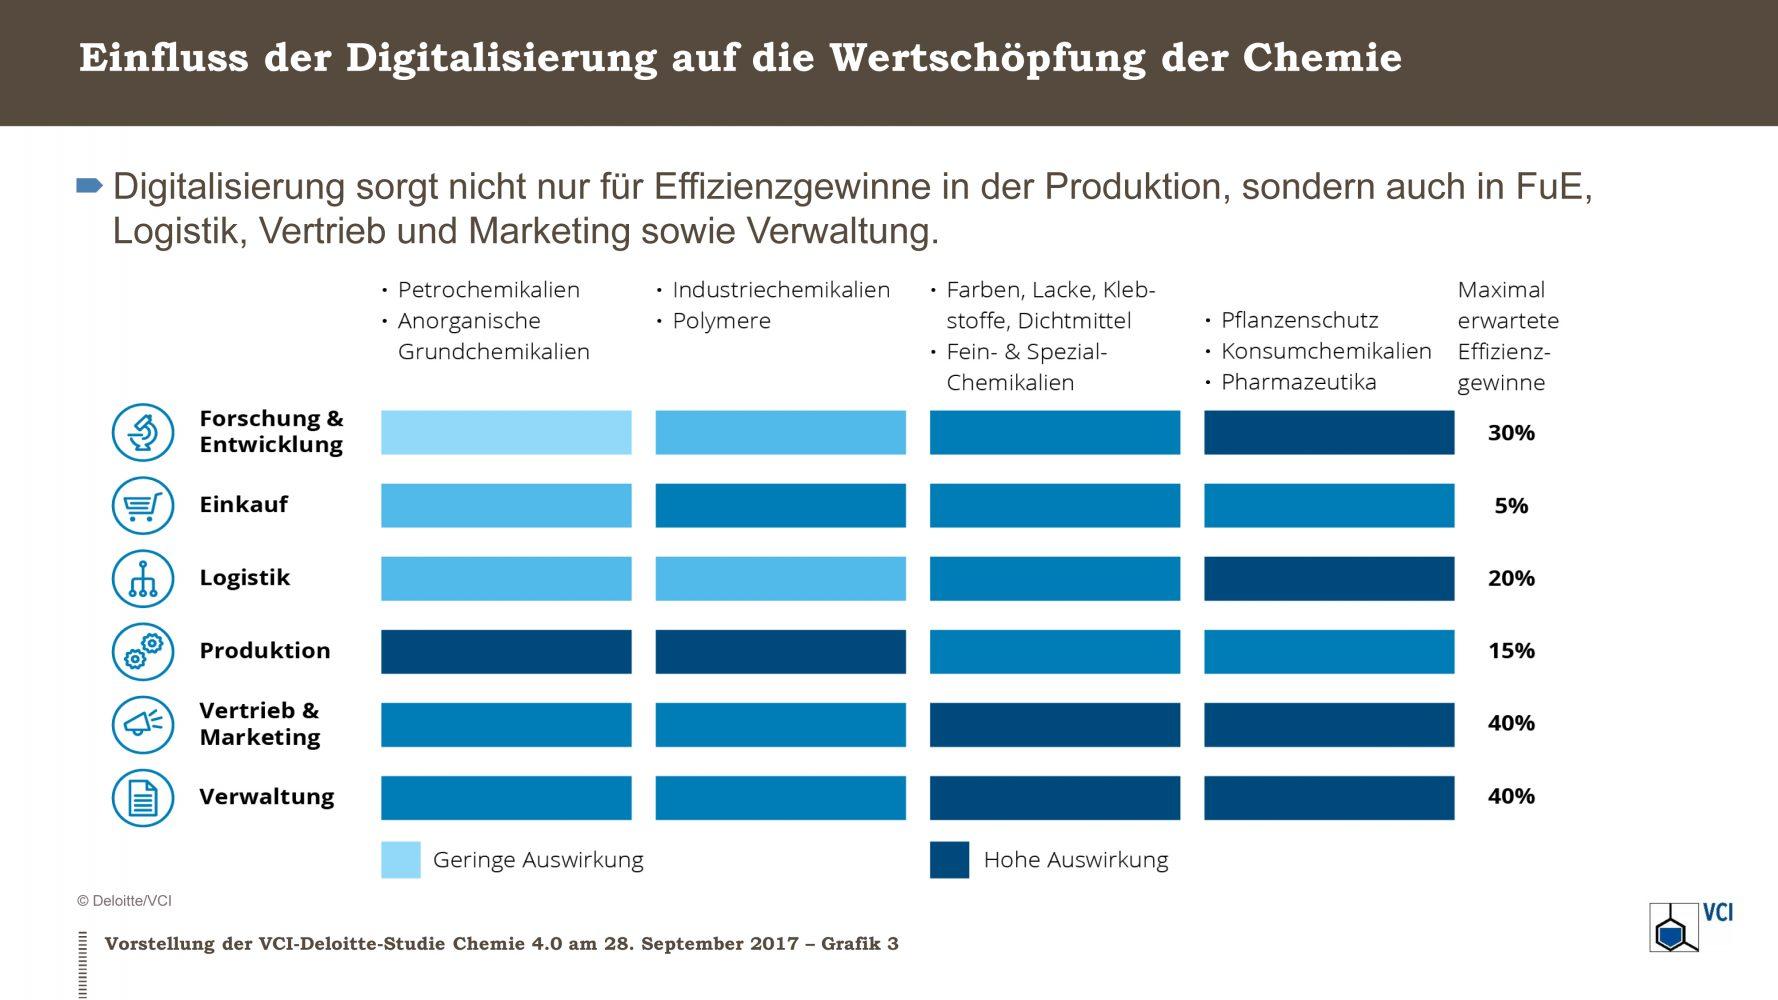 Die Matrix vergleicht Auswirkungen und maximal erwartete Effizienzgewinne durch KI in der chemischen Industrie. (Bild: Deloitte/VCI)